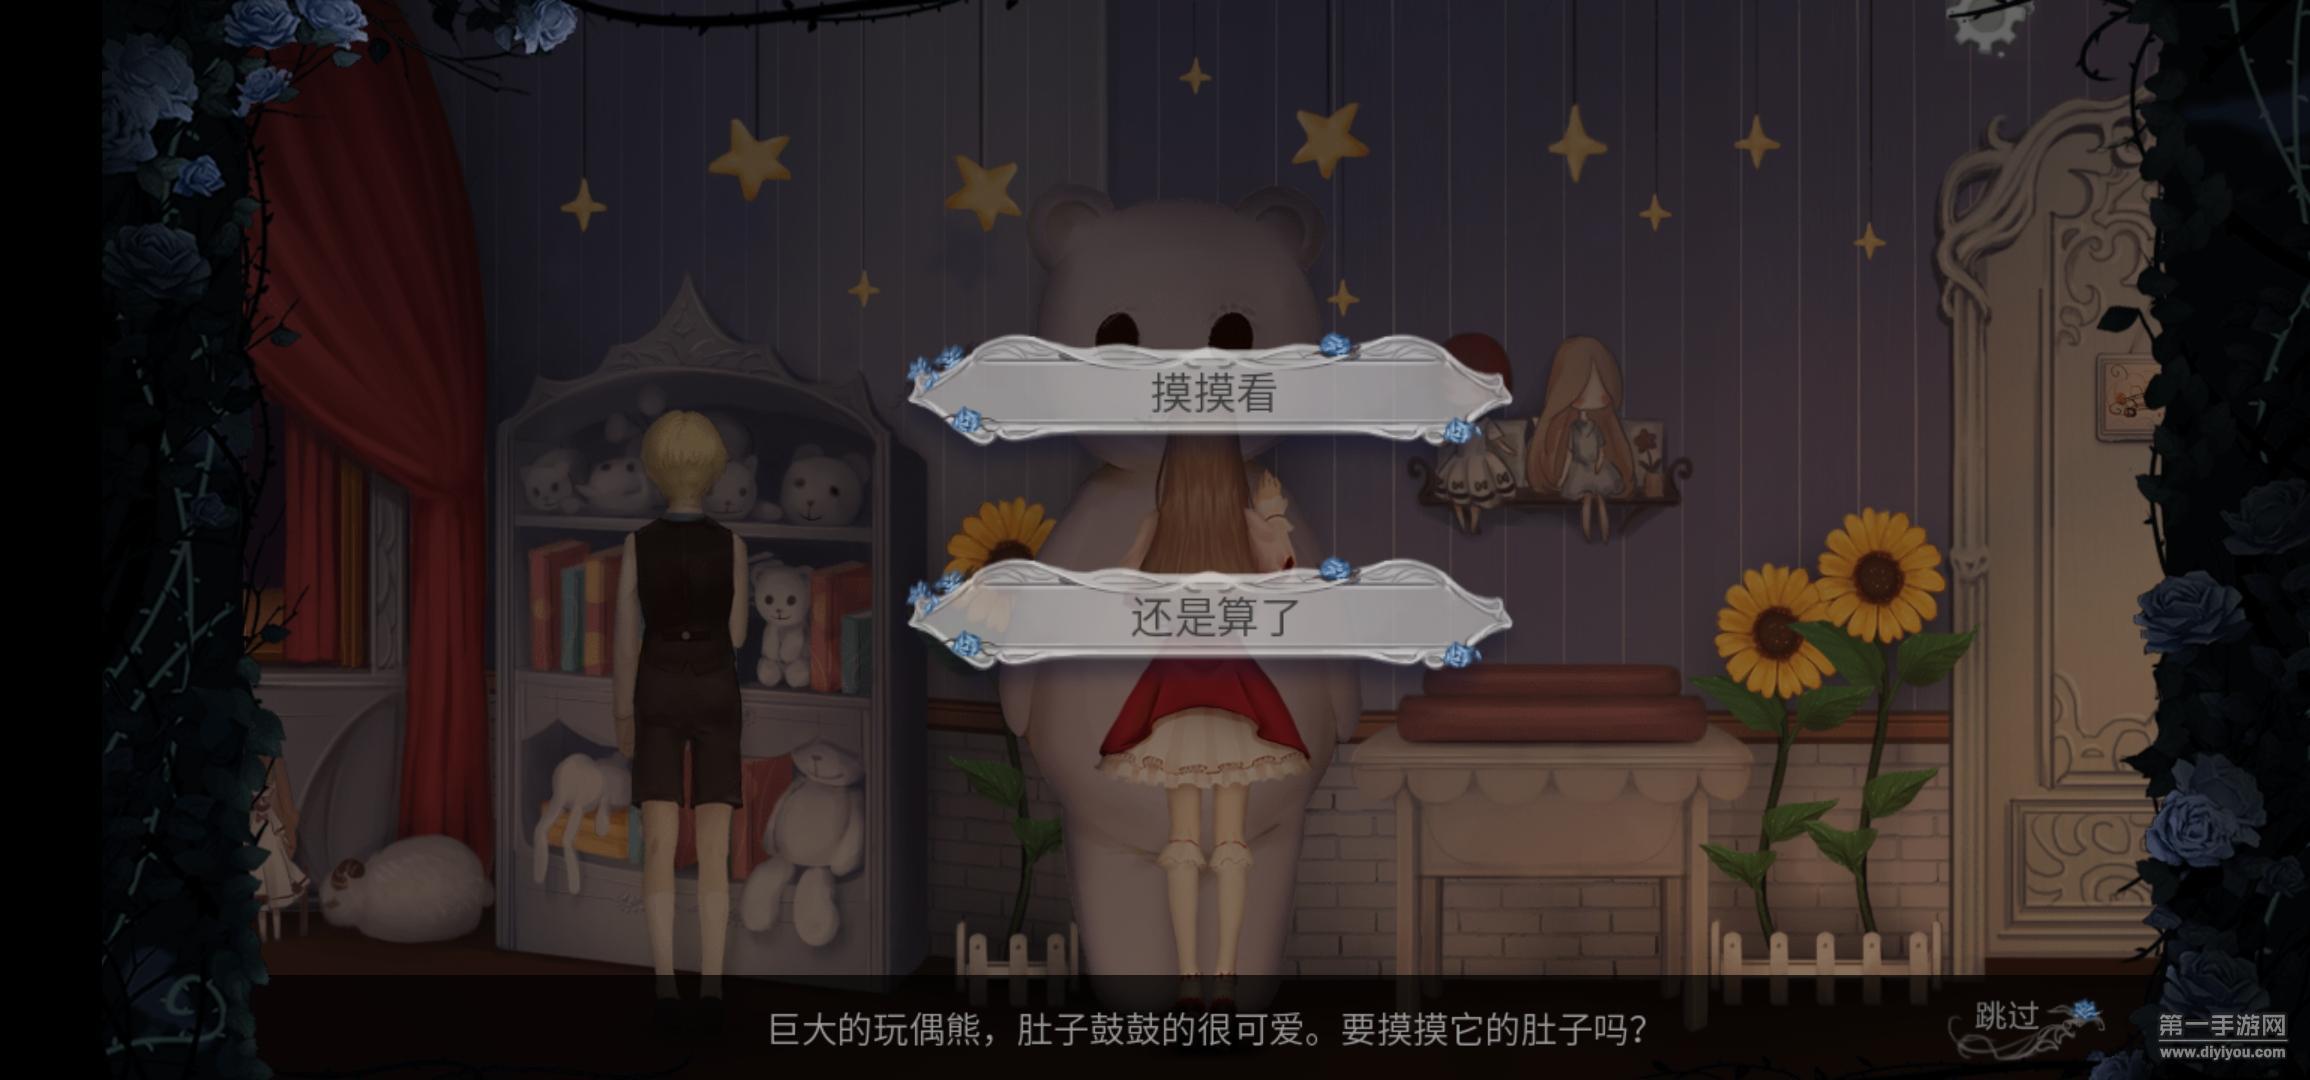 《人偶馆绮幻夜》试玩:浪漫约会背后隐藏的危机